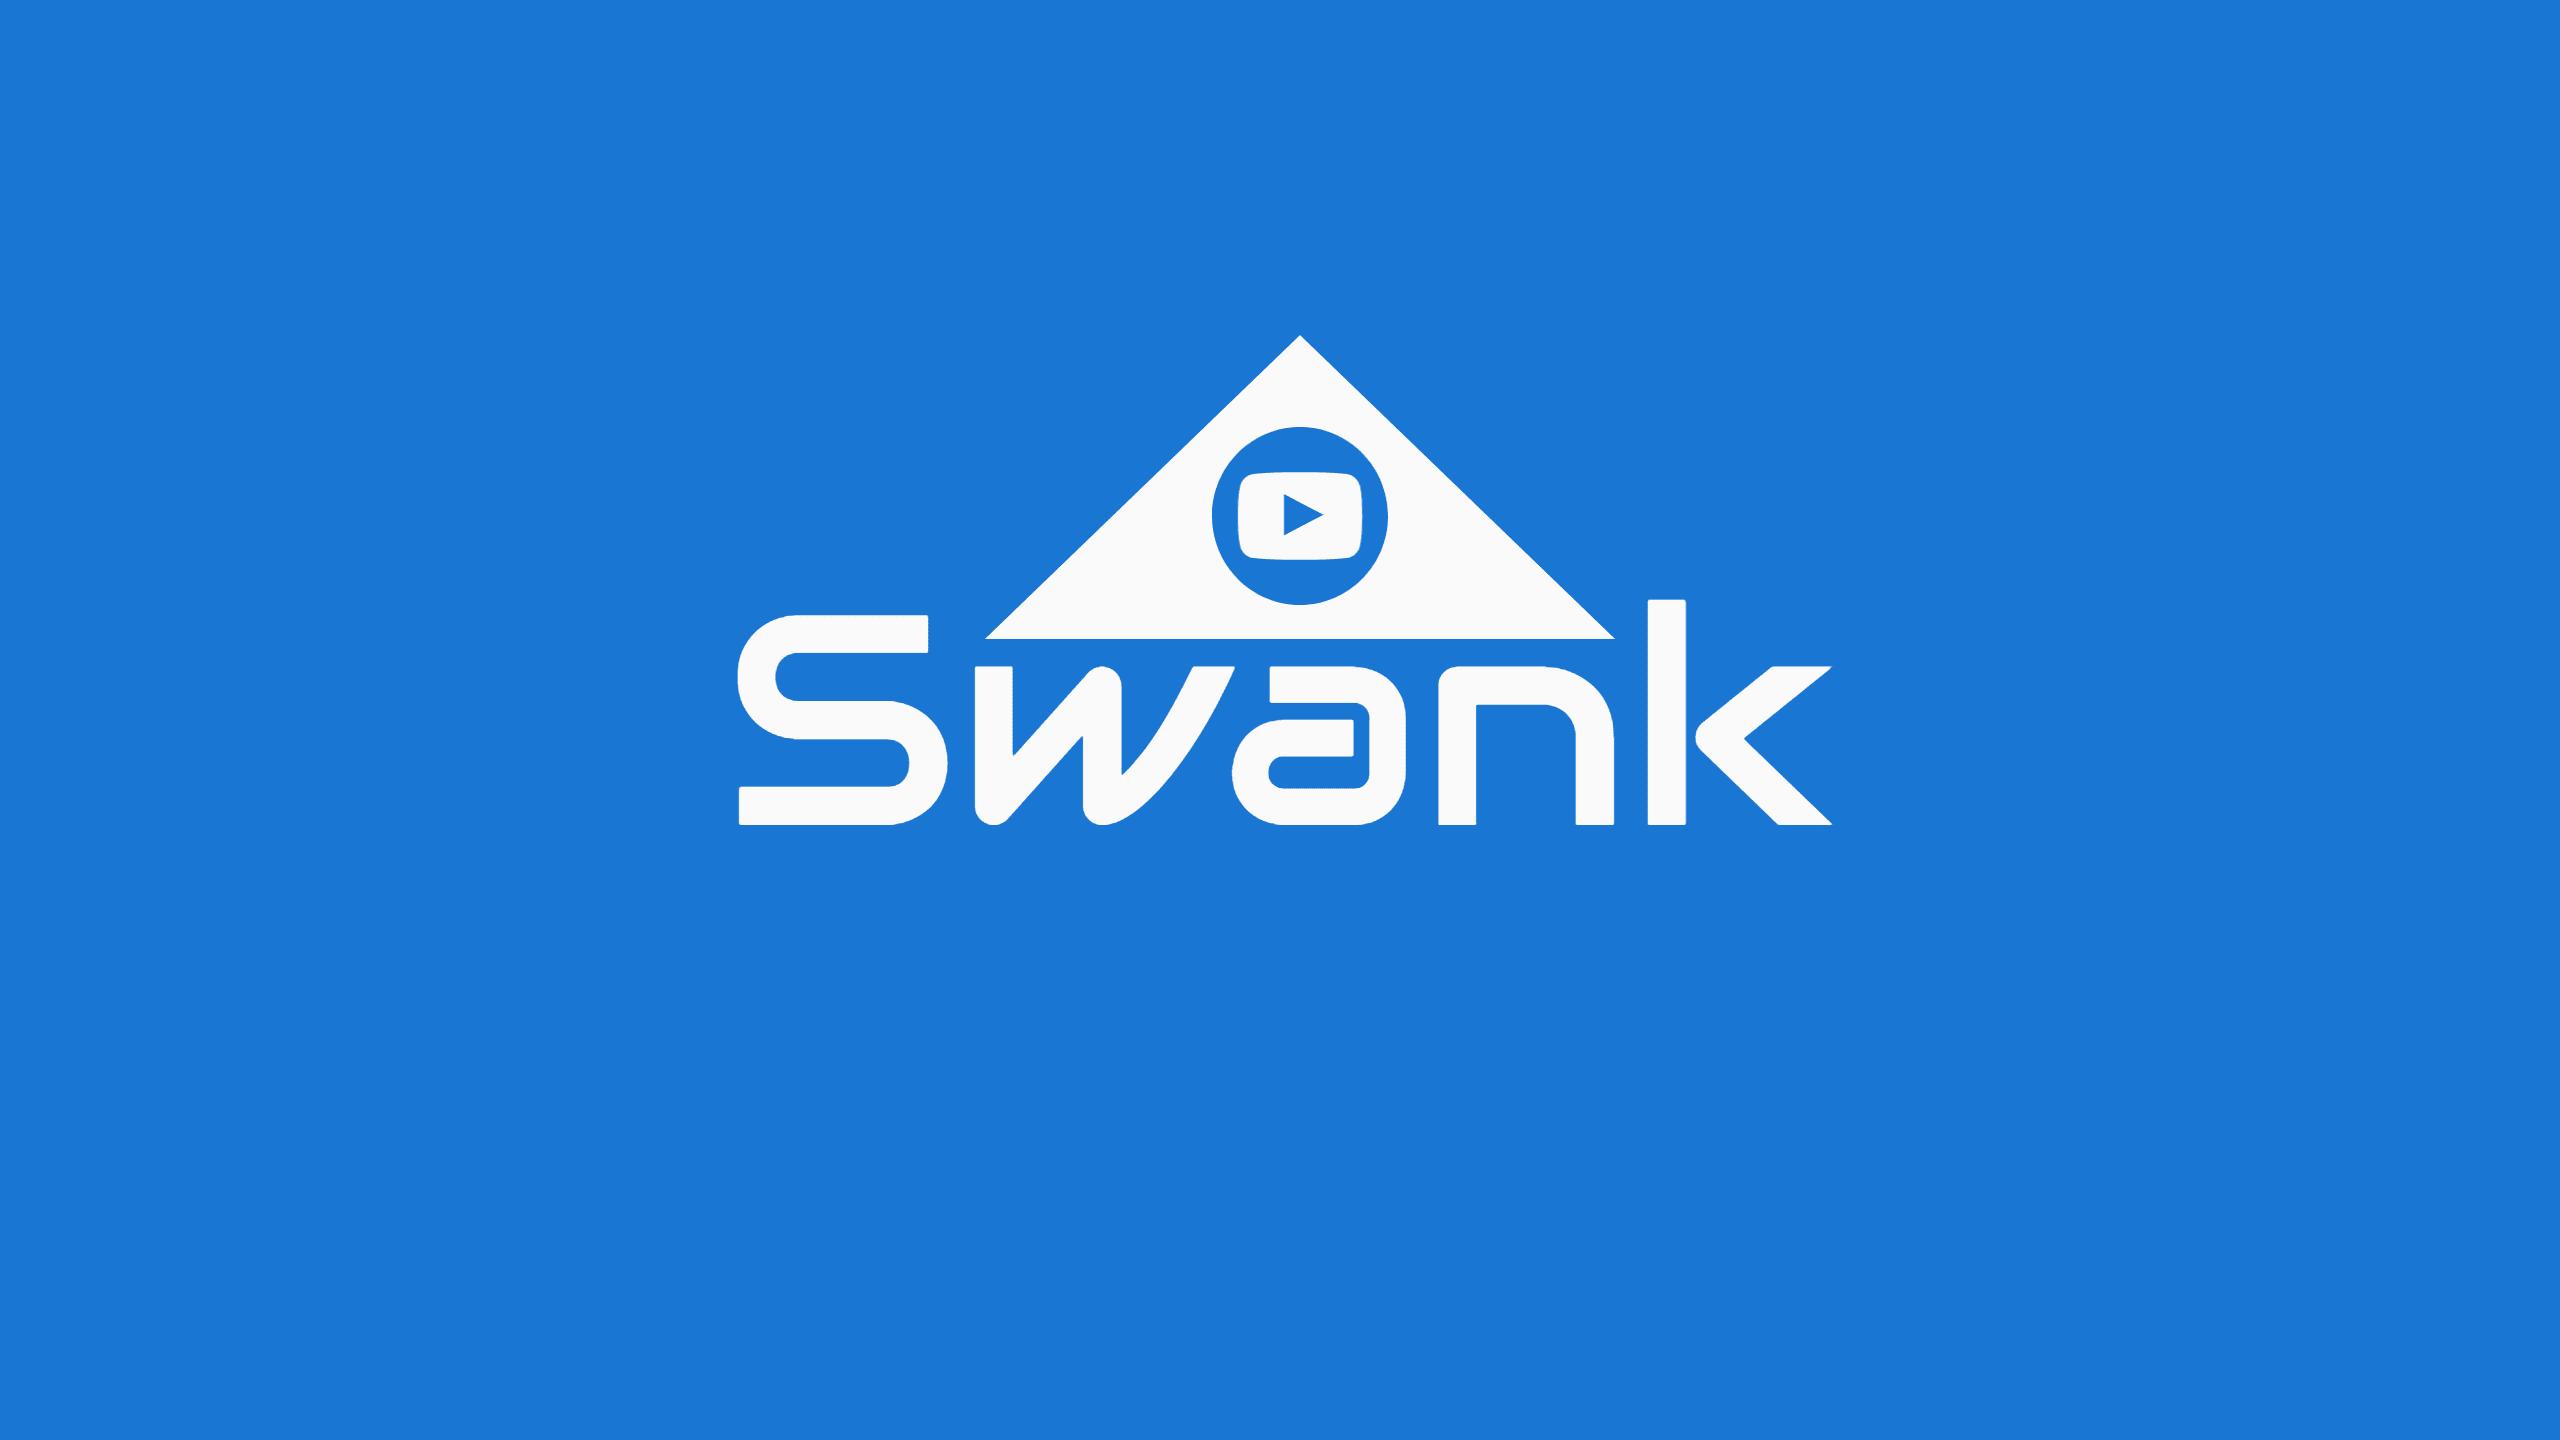 Logo,                Avatar,                Blue,                 Free Image